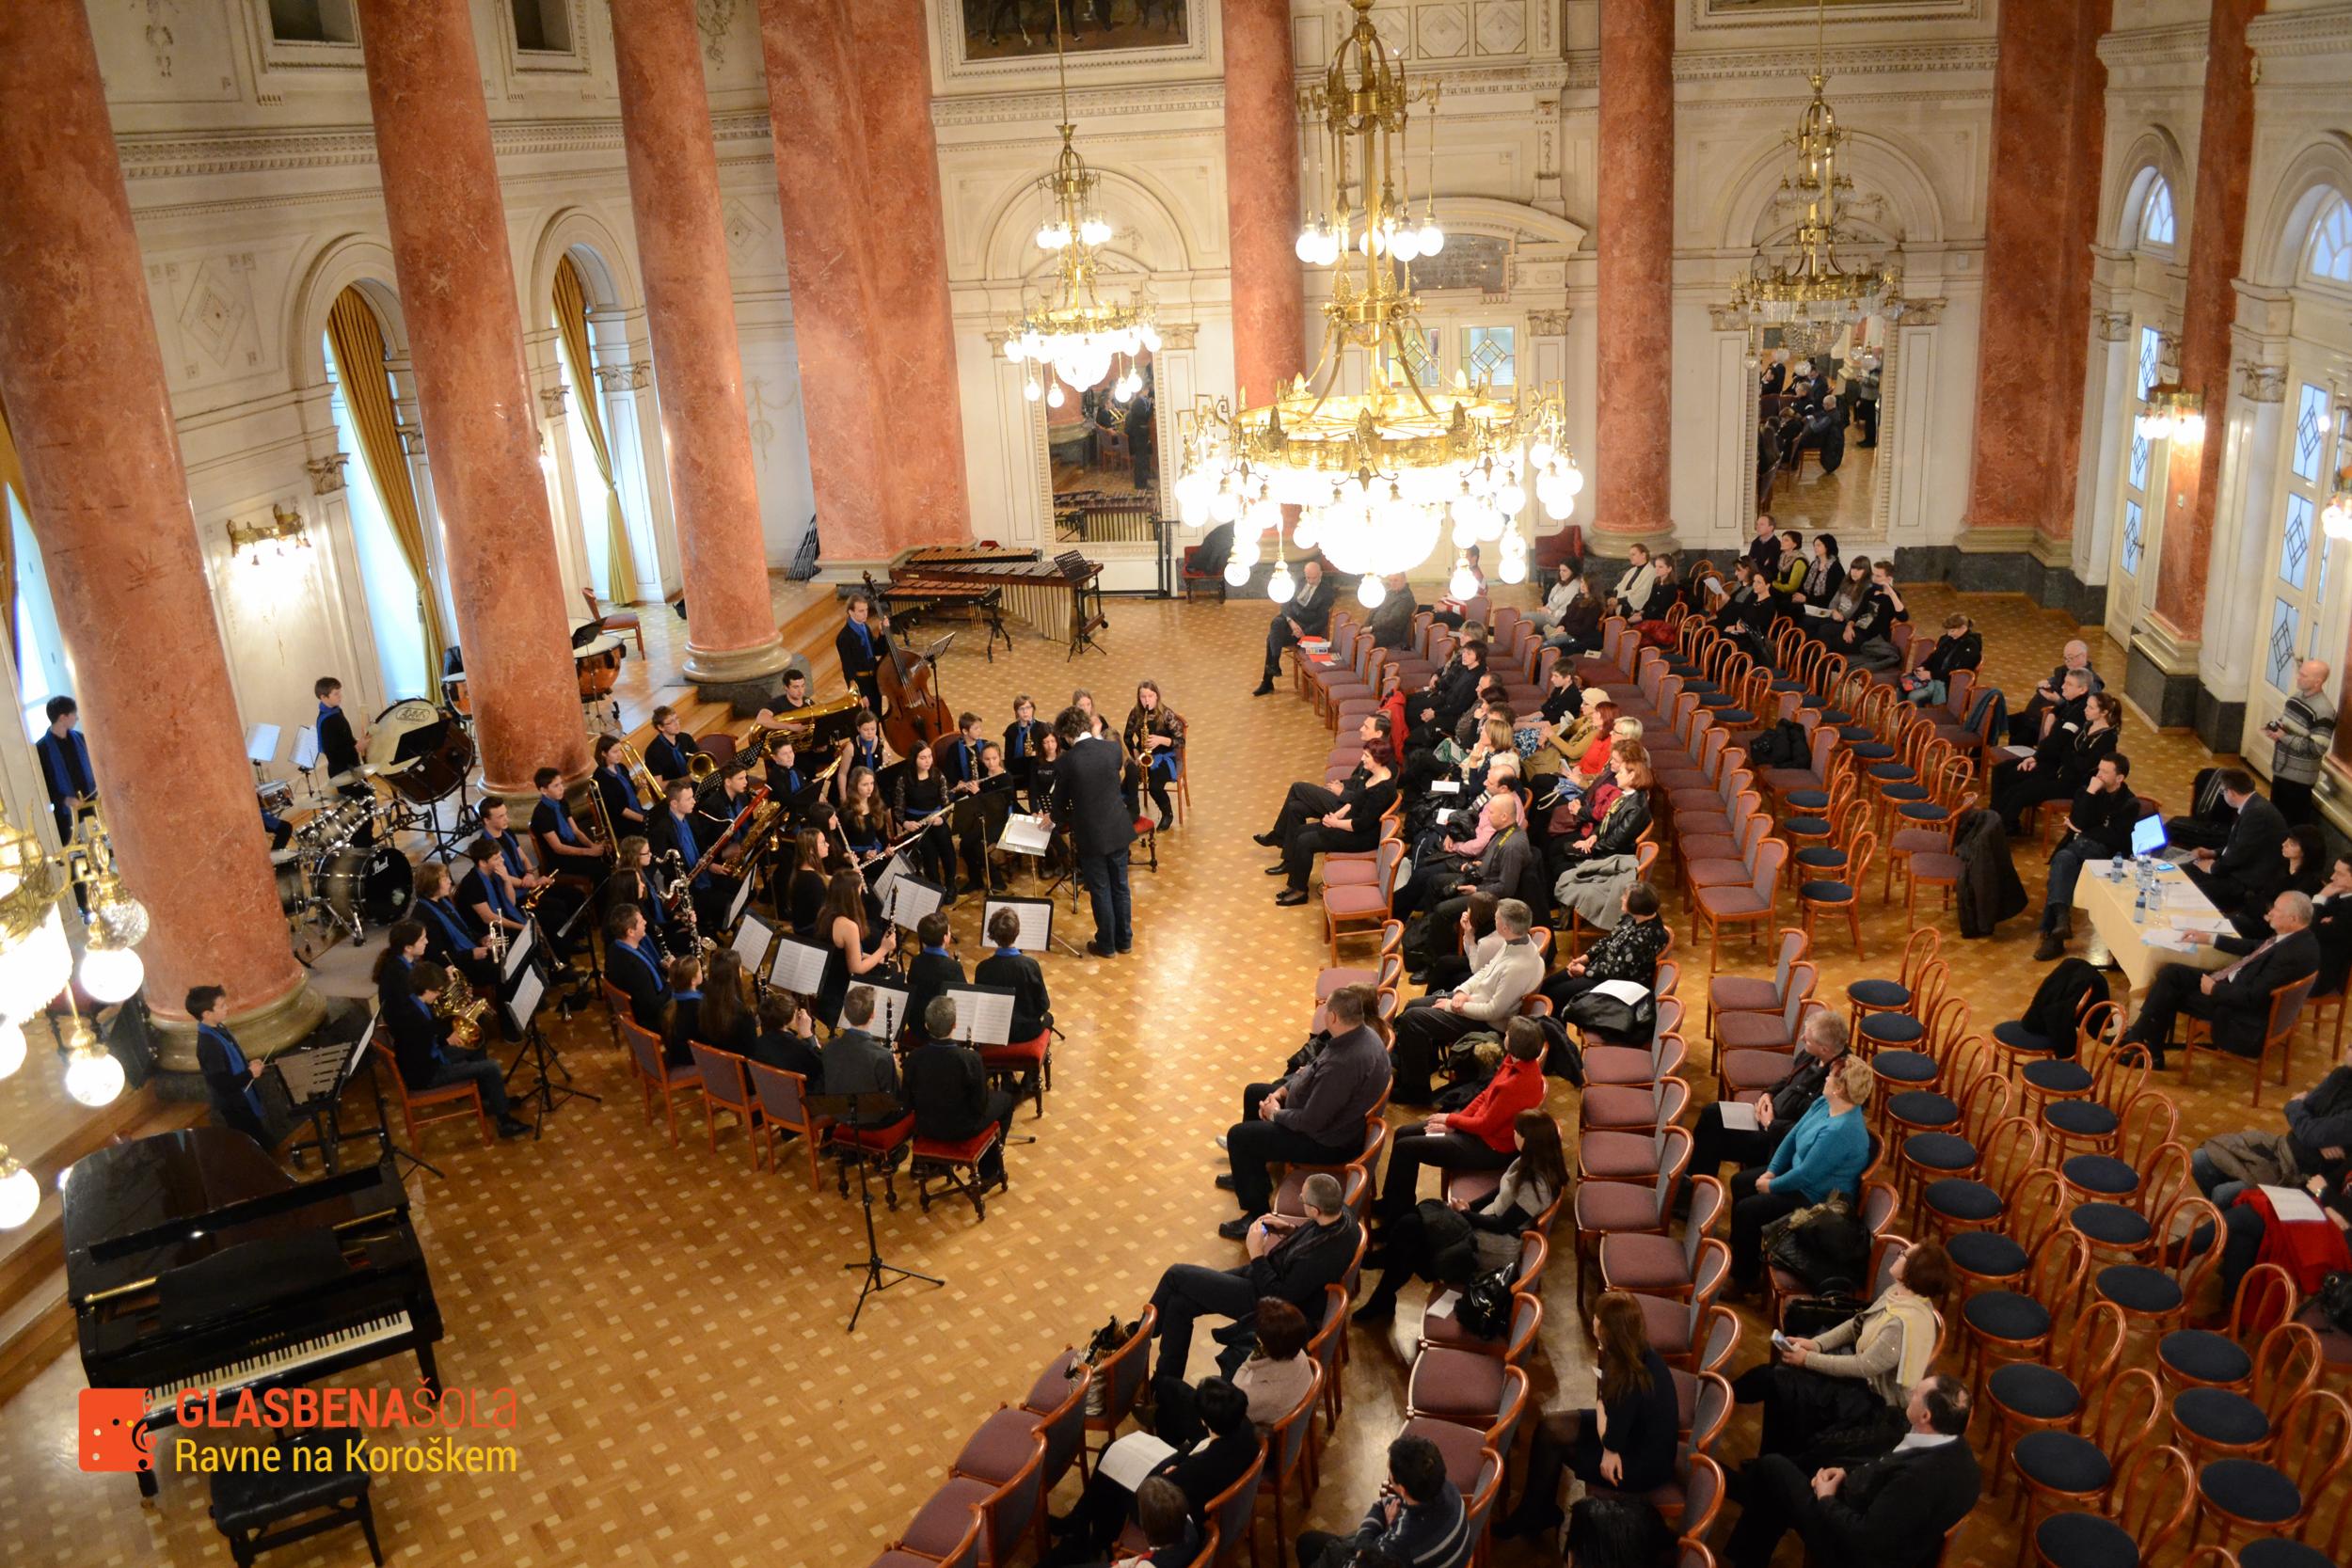 orkester_gs_ravne_rogaska-9